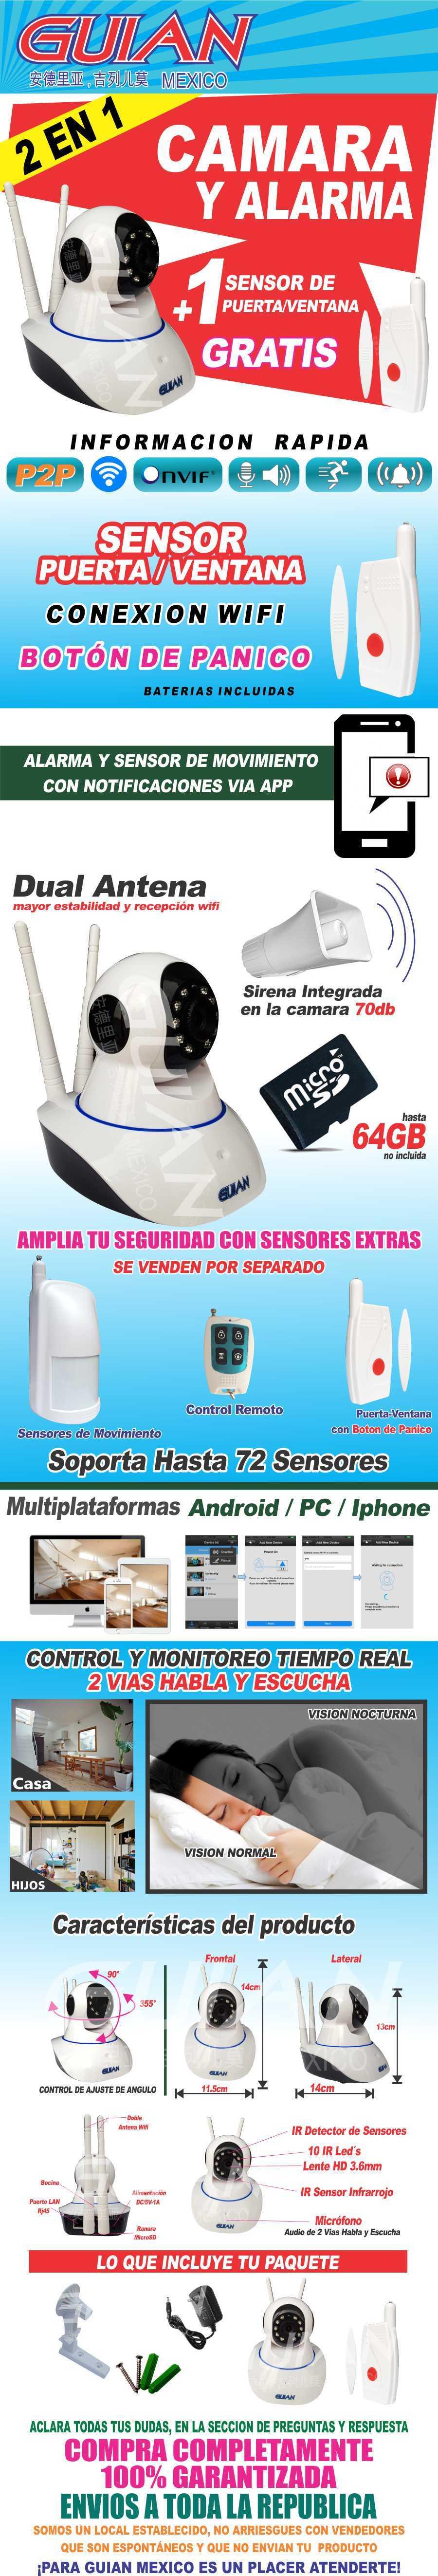 Camara ip y alarma con sensor puerta wifi seguridad casa 1 en mercado libre - Camara mirilla puerta wifi ...